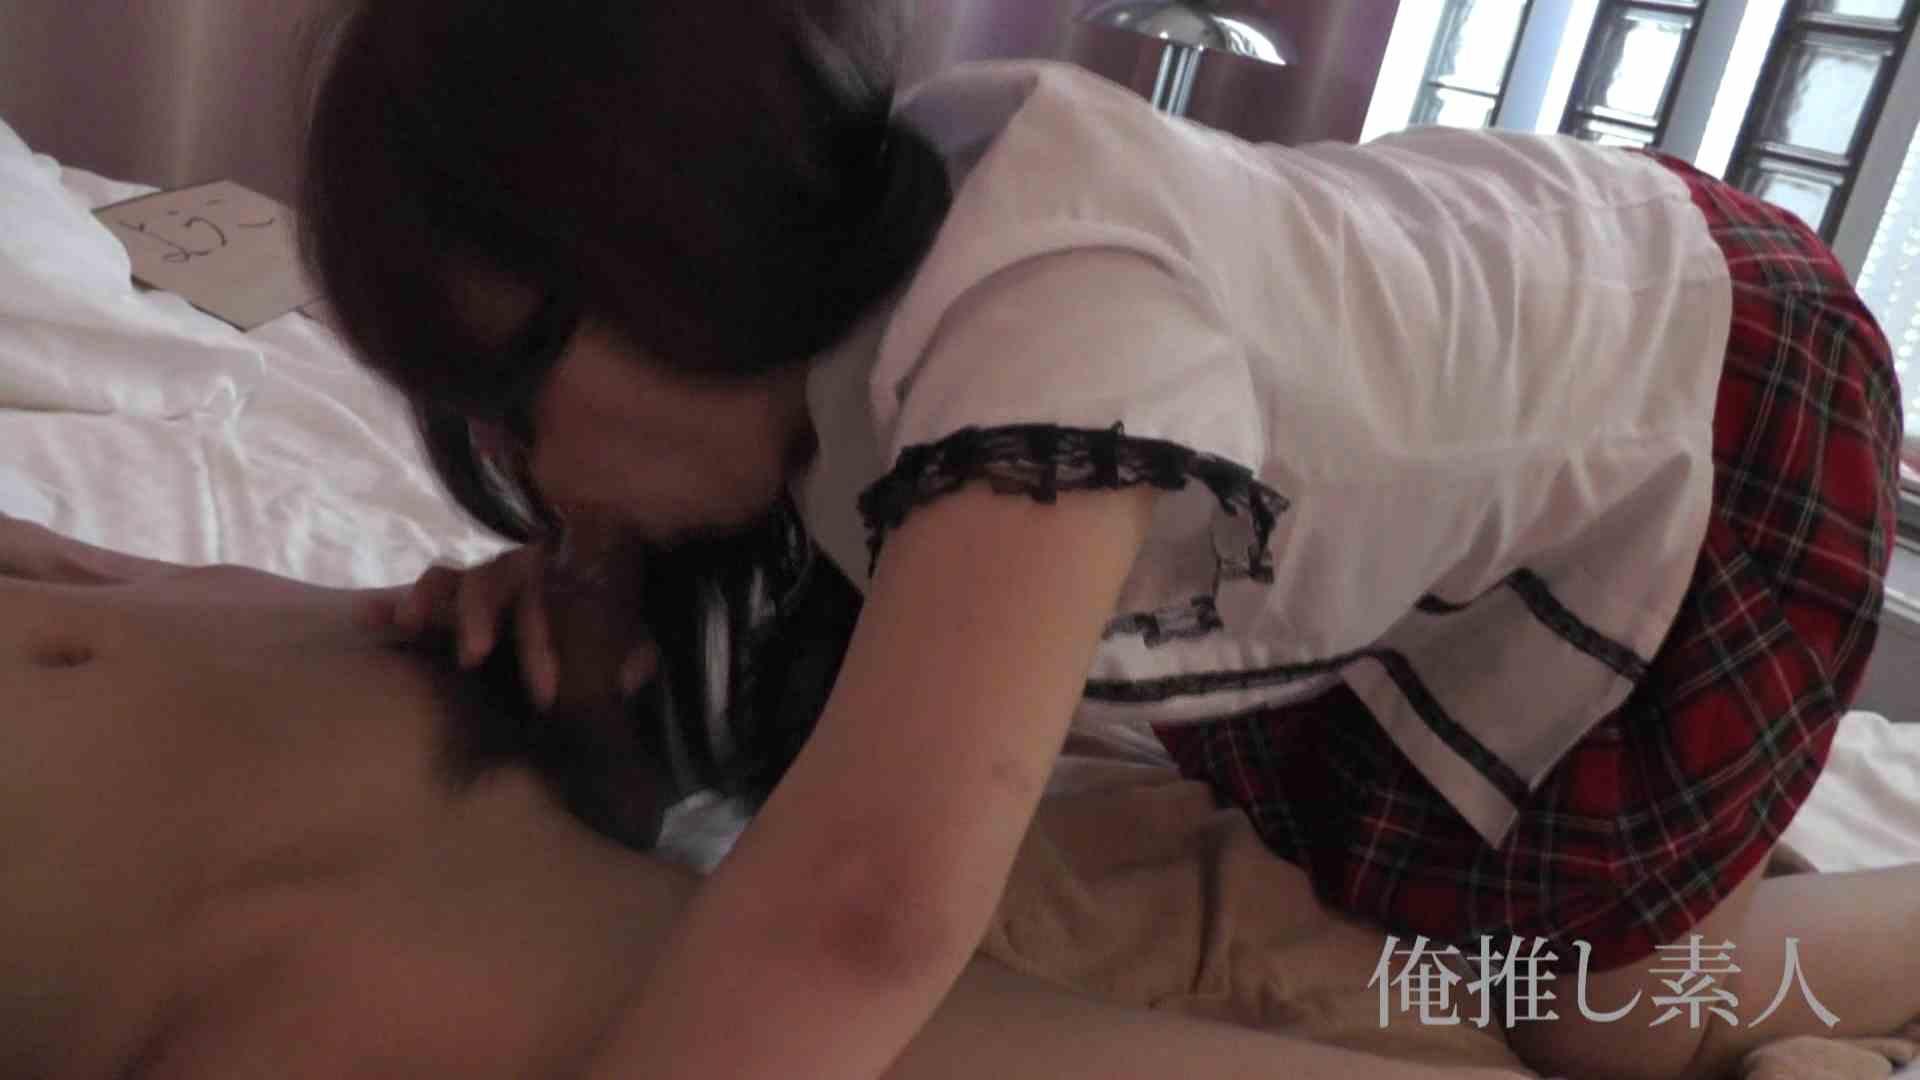 俺推し素人 EカップシングルマザーOL30歳瑤子vol3 人妻の裸体   投稿  103枚 41